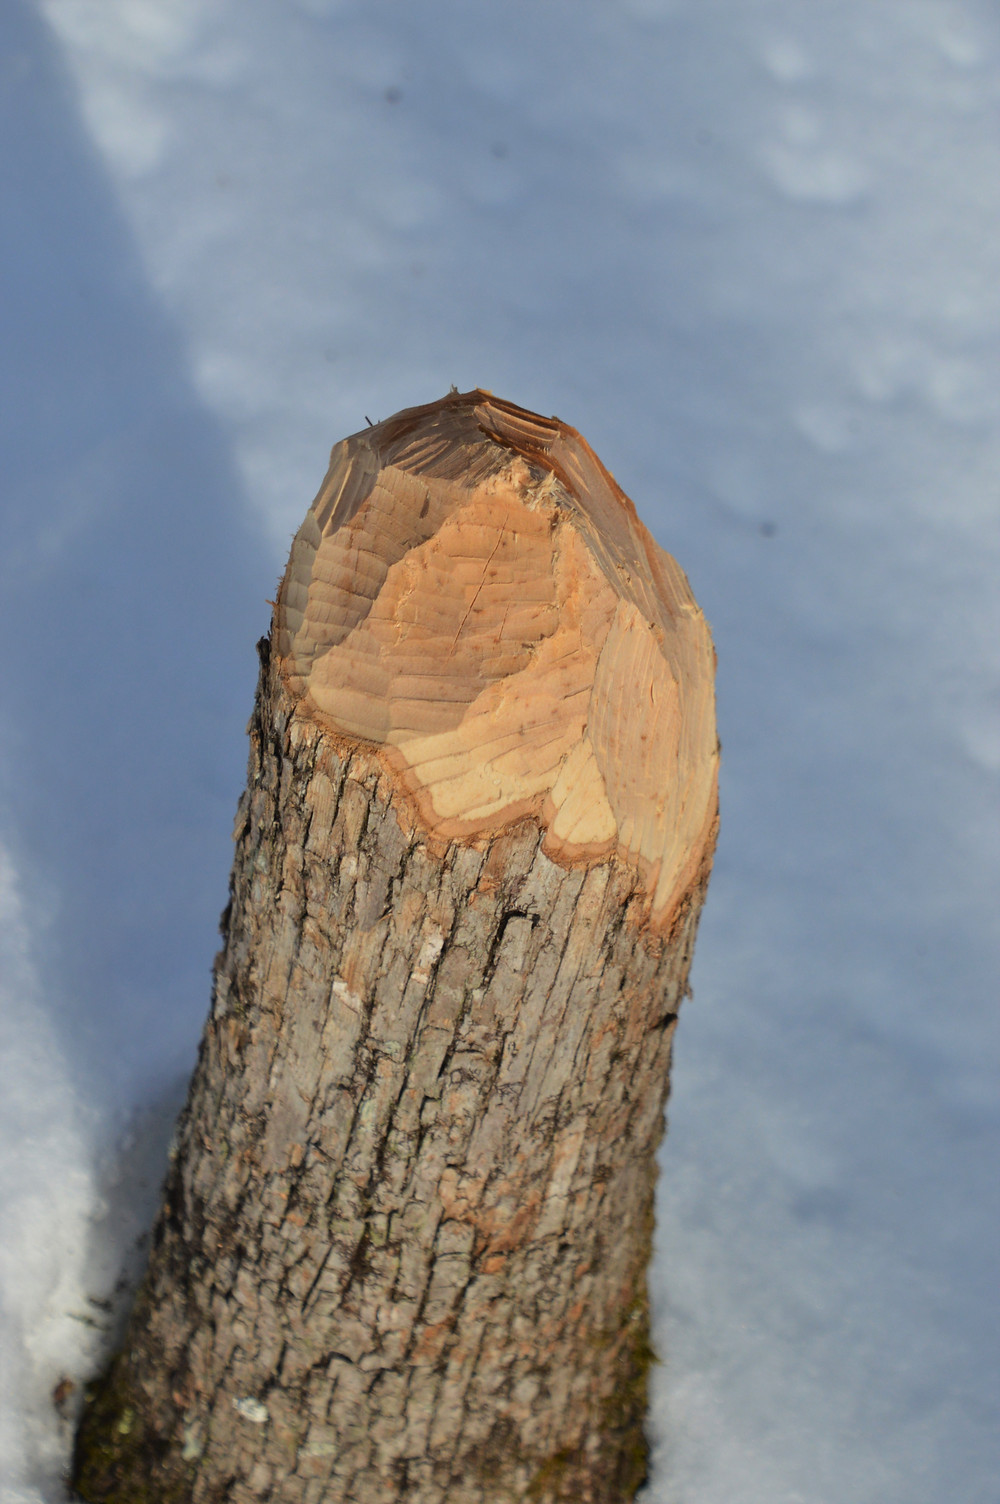 Beaver teeth marks on tree stump.